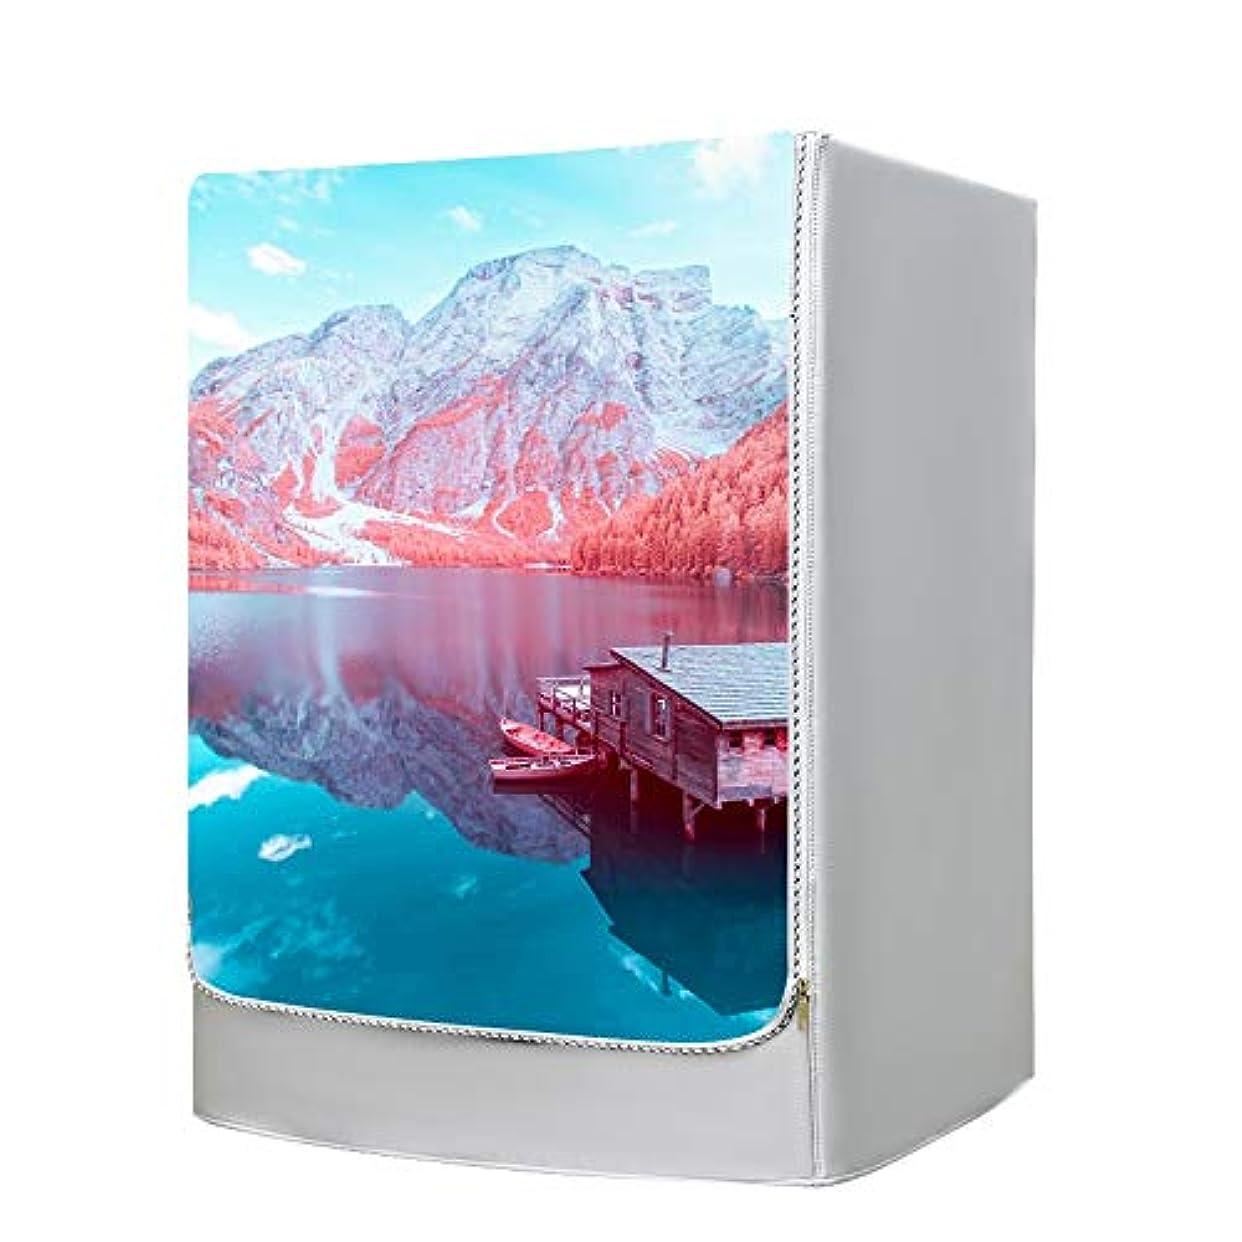 落ち着いたベーカリー降ろす防塵日焼け止め洗濯機保護カバーフロントロードマシンジッパーデザイン (Color : A, Size : M6-6.5kg)